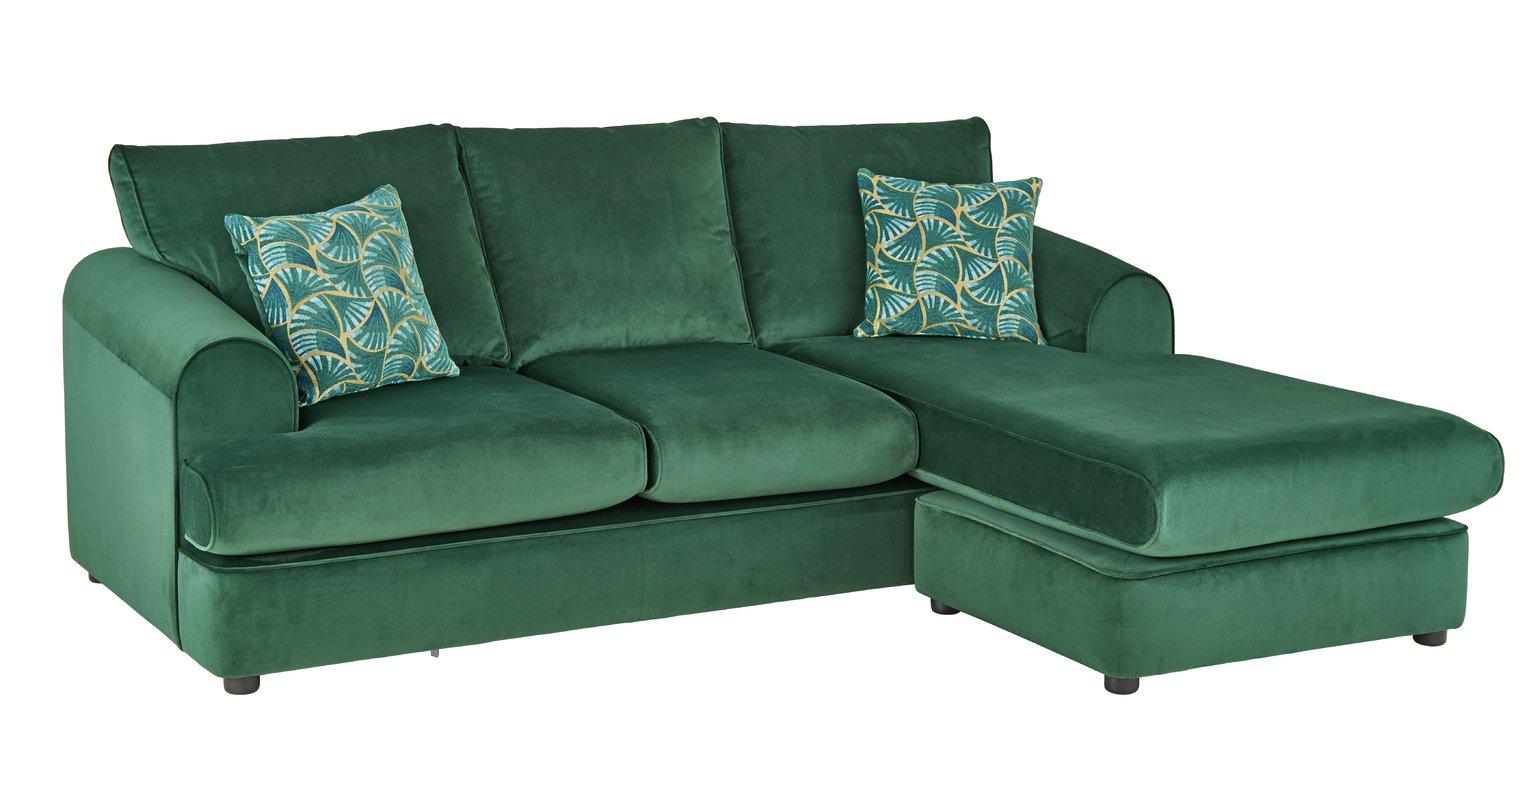 Argos Home Atticus Right Corner Velvet Sofa - Green